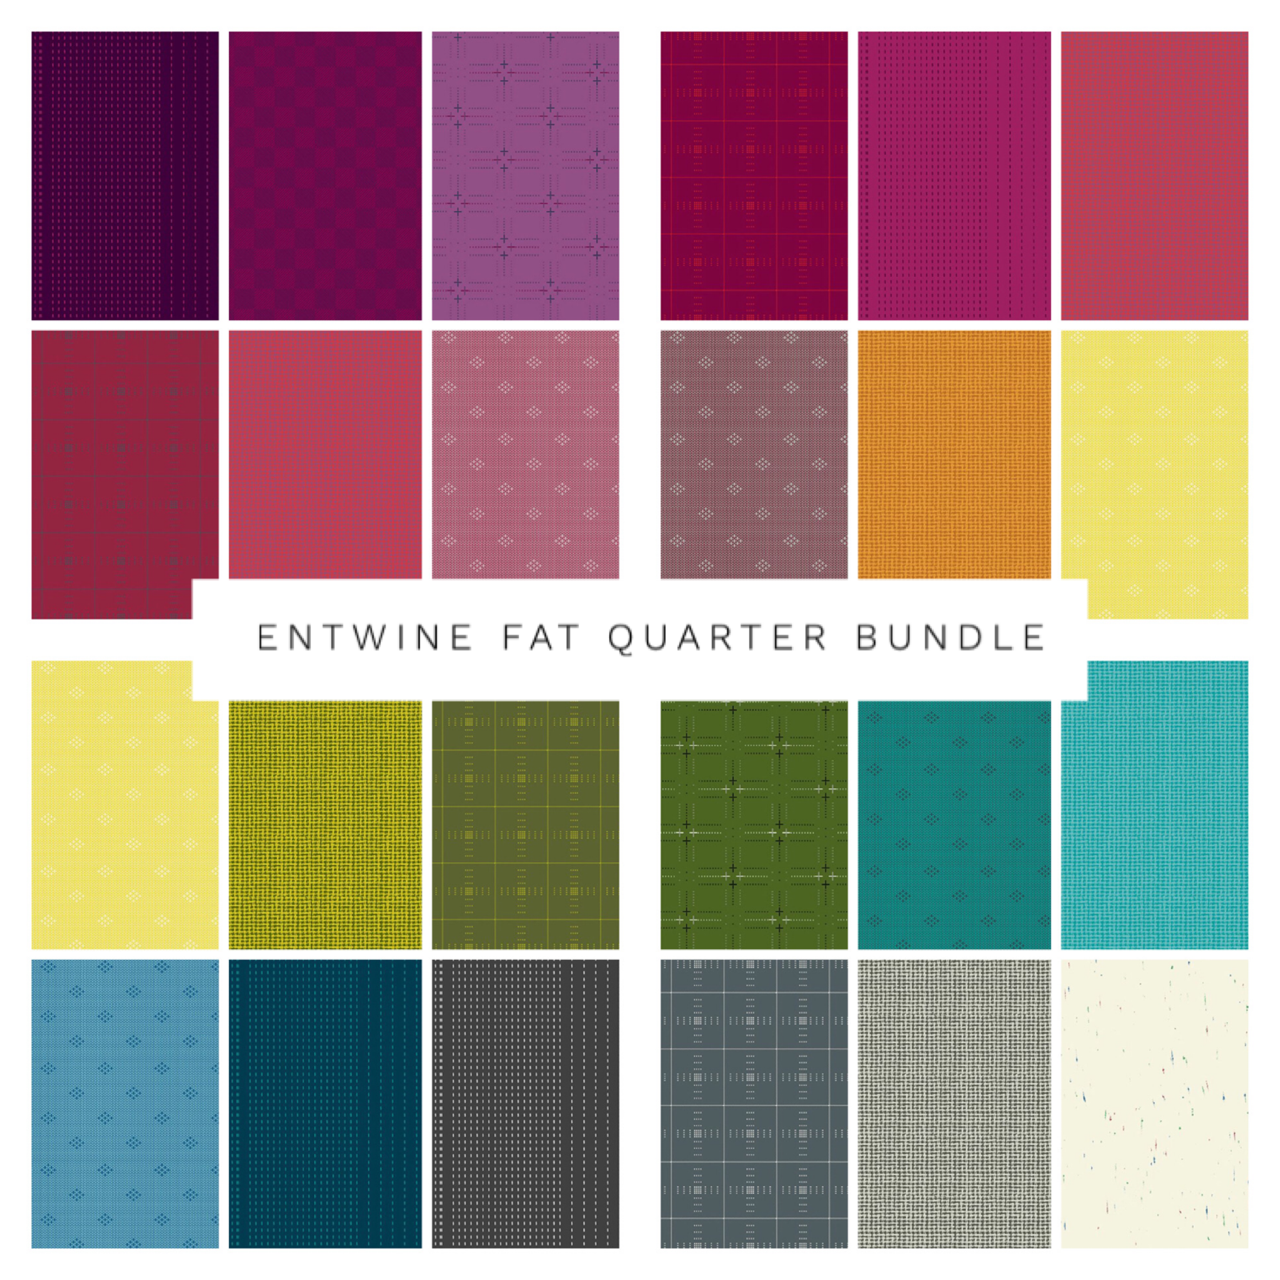 Entwine Fat Quarter Bundle